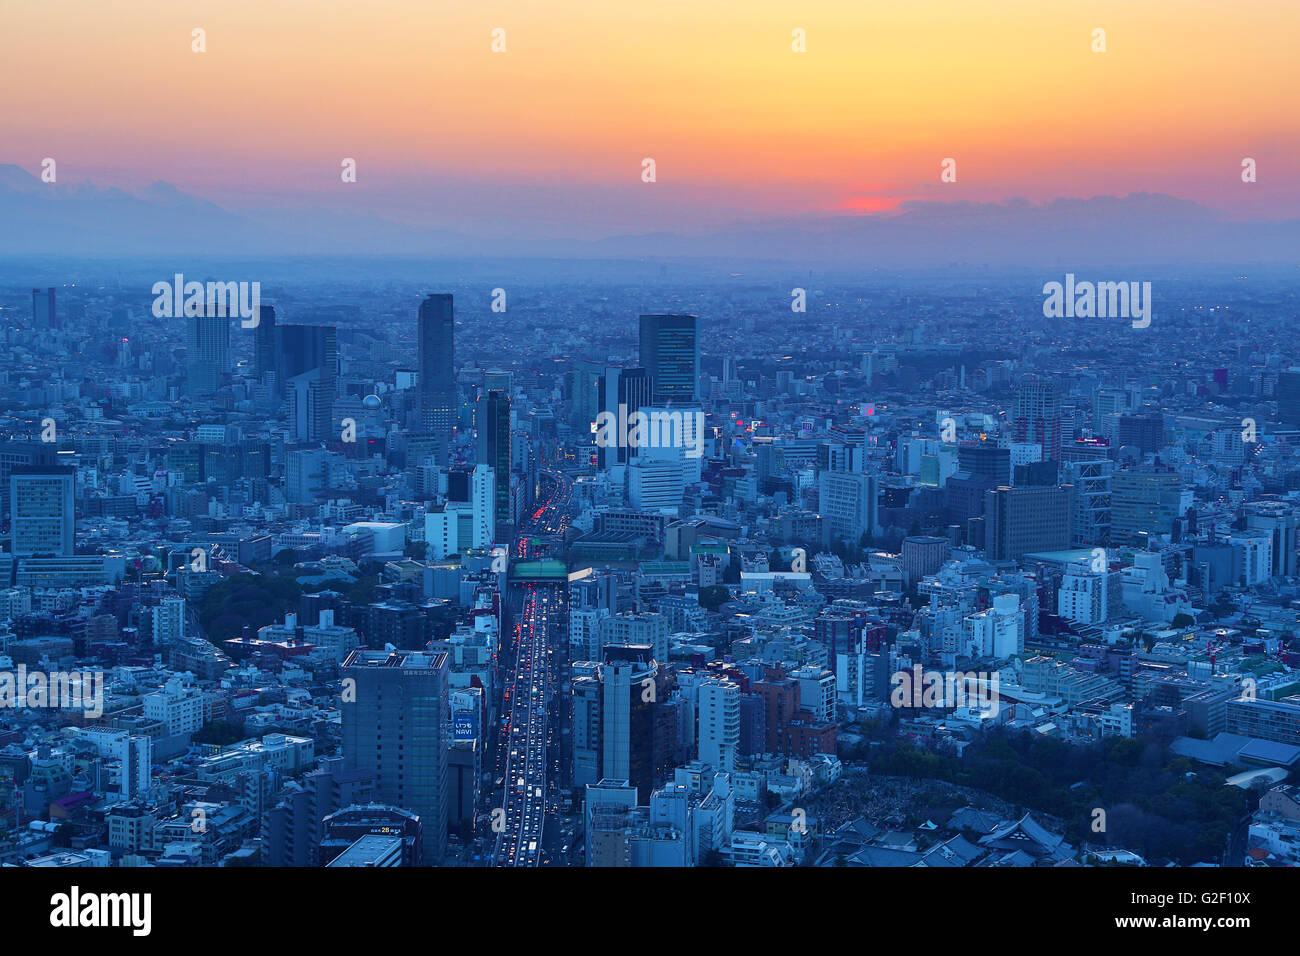 Allgemeine Stadt Skyline Sonnenuntergang Blick auf Tokio, Japan Stockbild